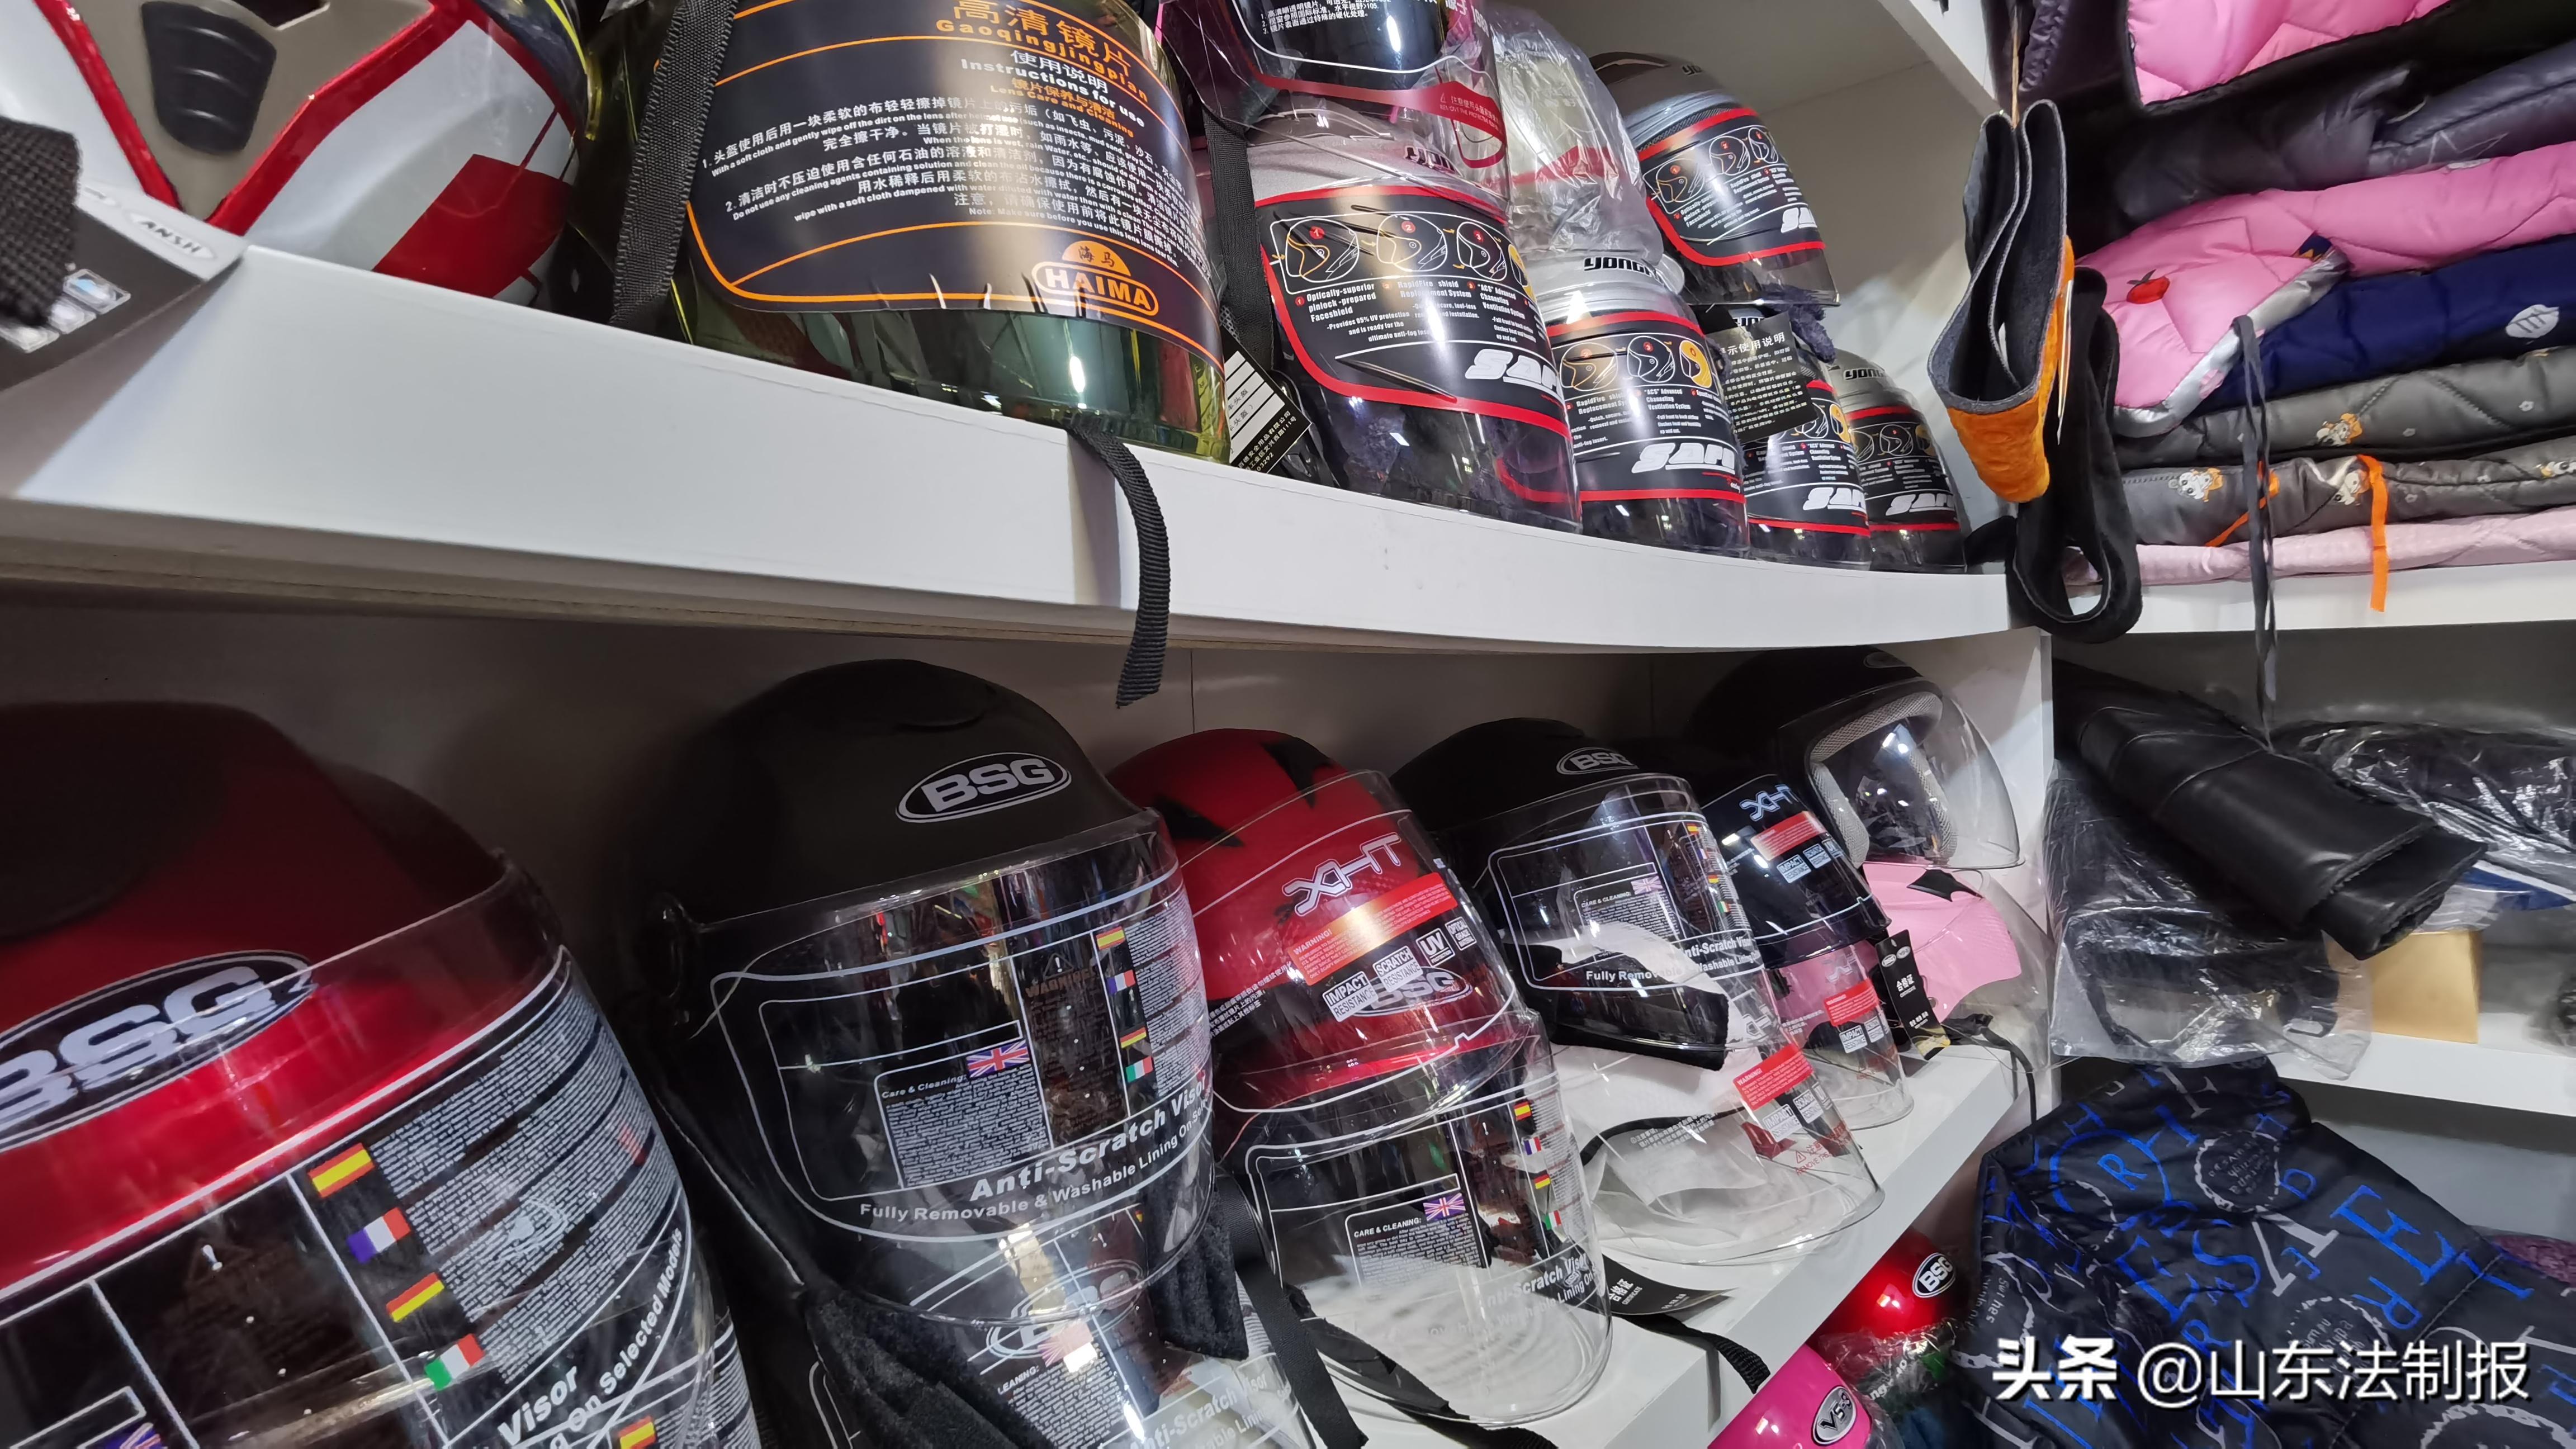 生产标准缺失 产品五花八门——电动自行车头盔质量堪忧